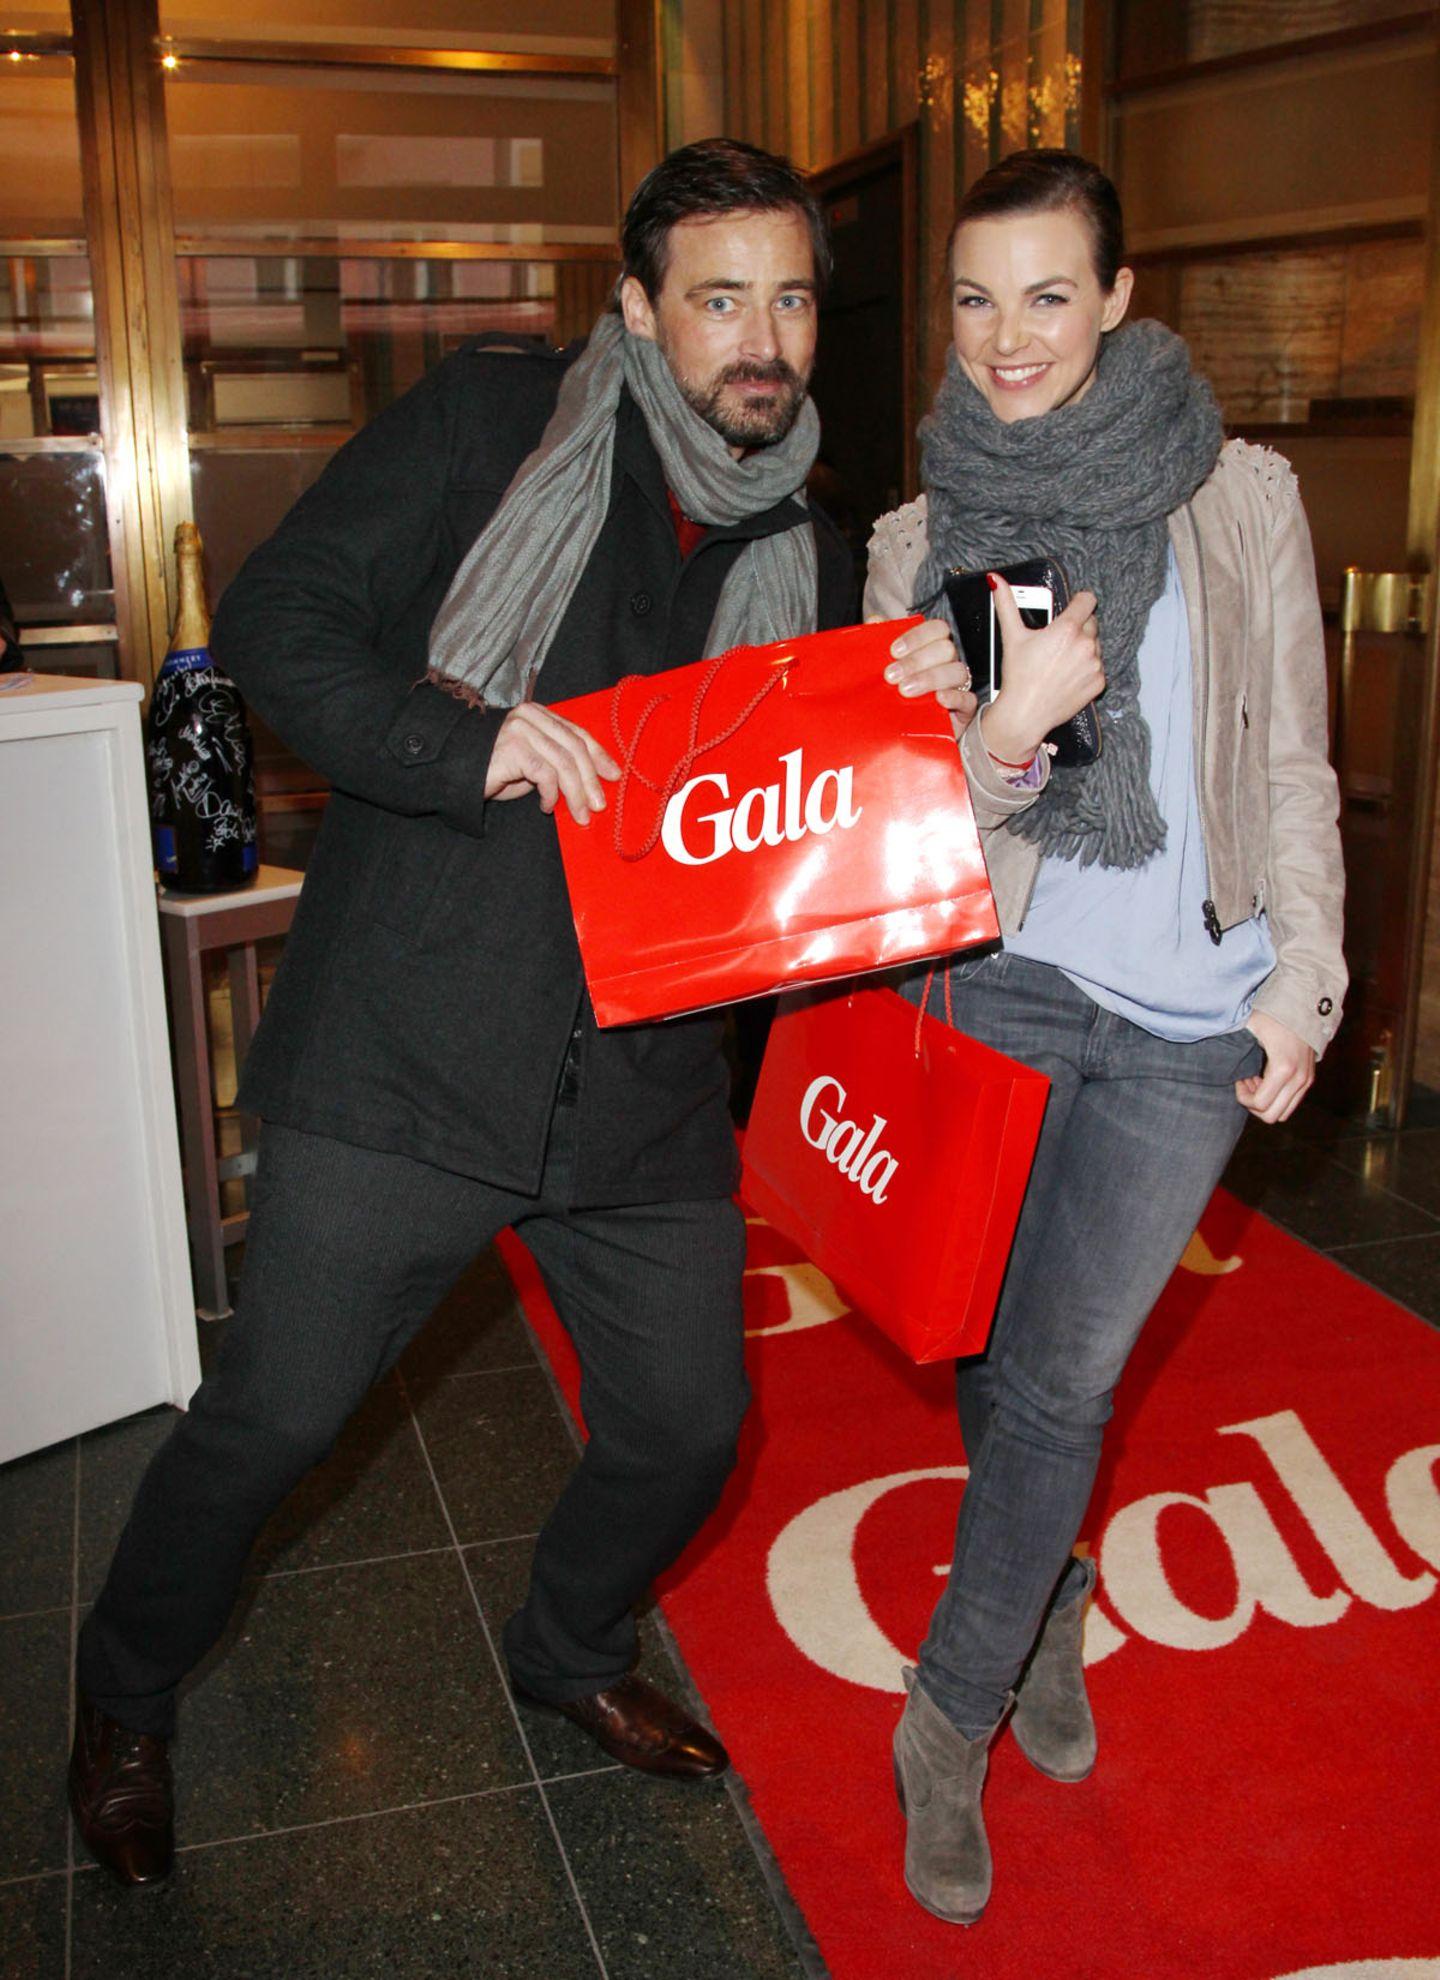 GALA-Event: Jan Sosniok und Annika Kipp widmen dem GALA-Goodie-Bag ein Freudentänzchen.